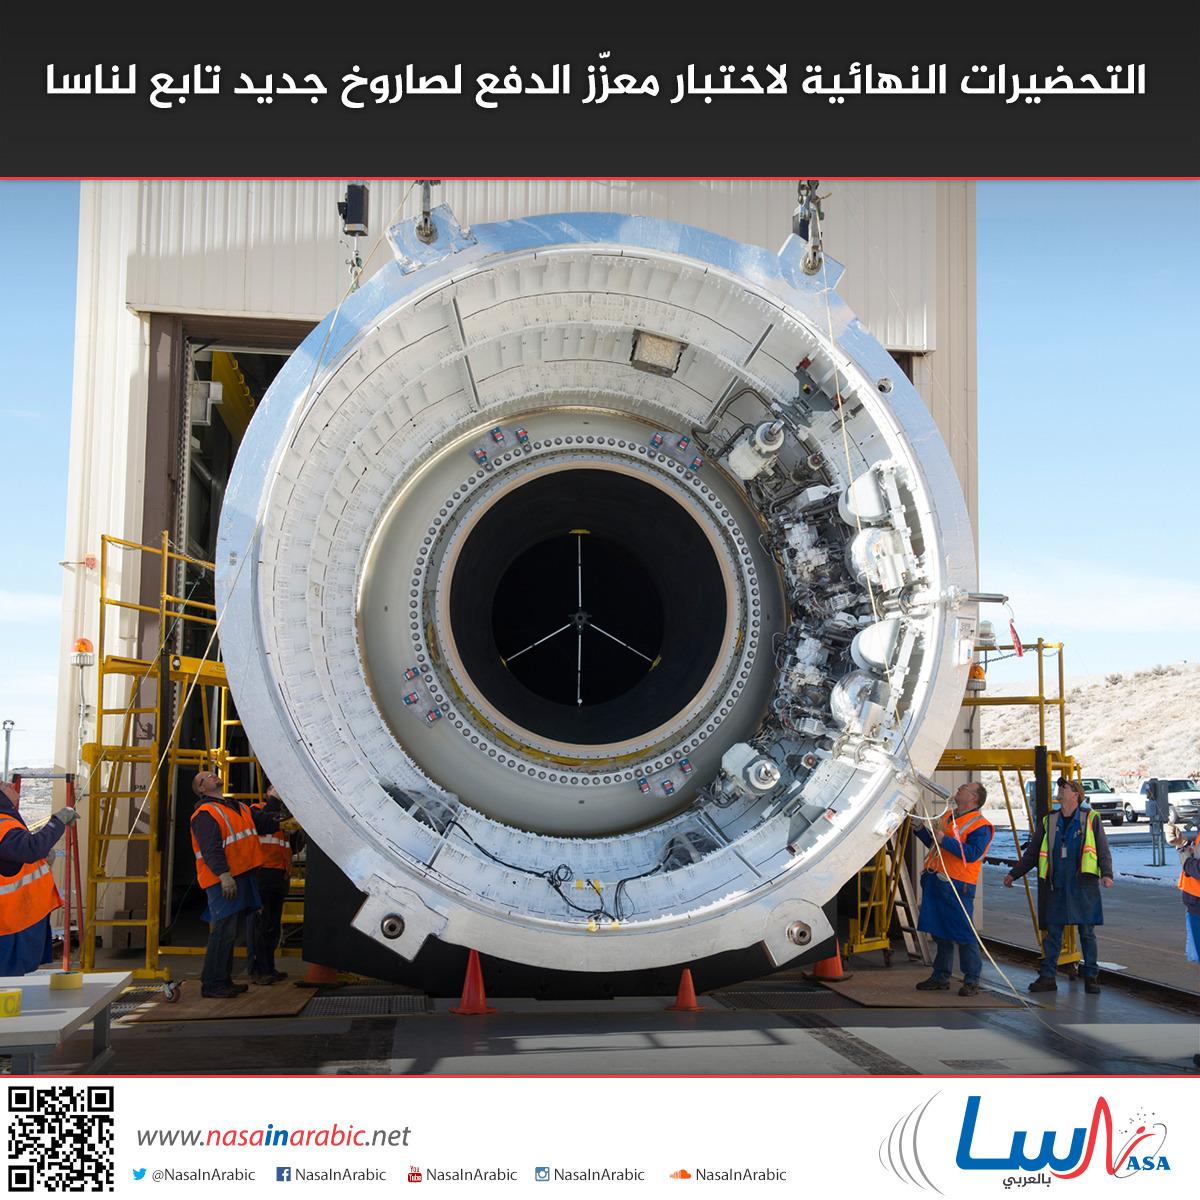 التحضيرات النهائية لاختبار معزّز الدفع لصاروخ جديد تابع لناسا